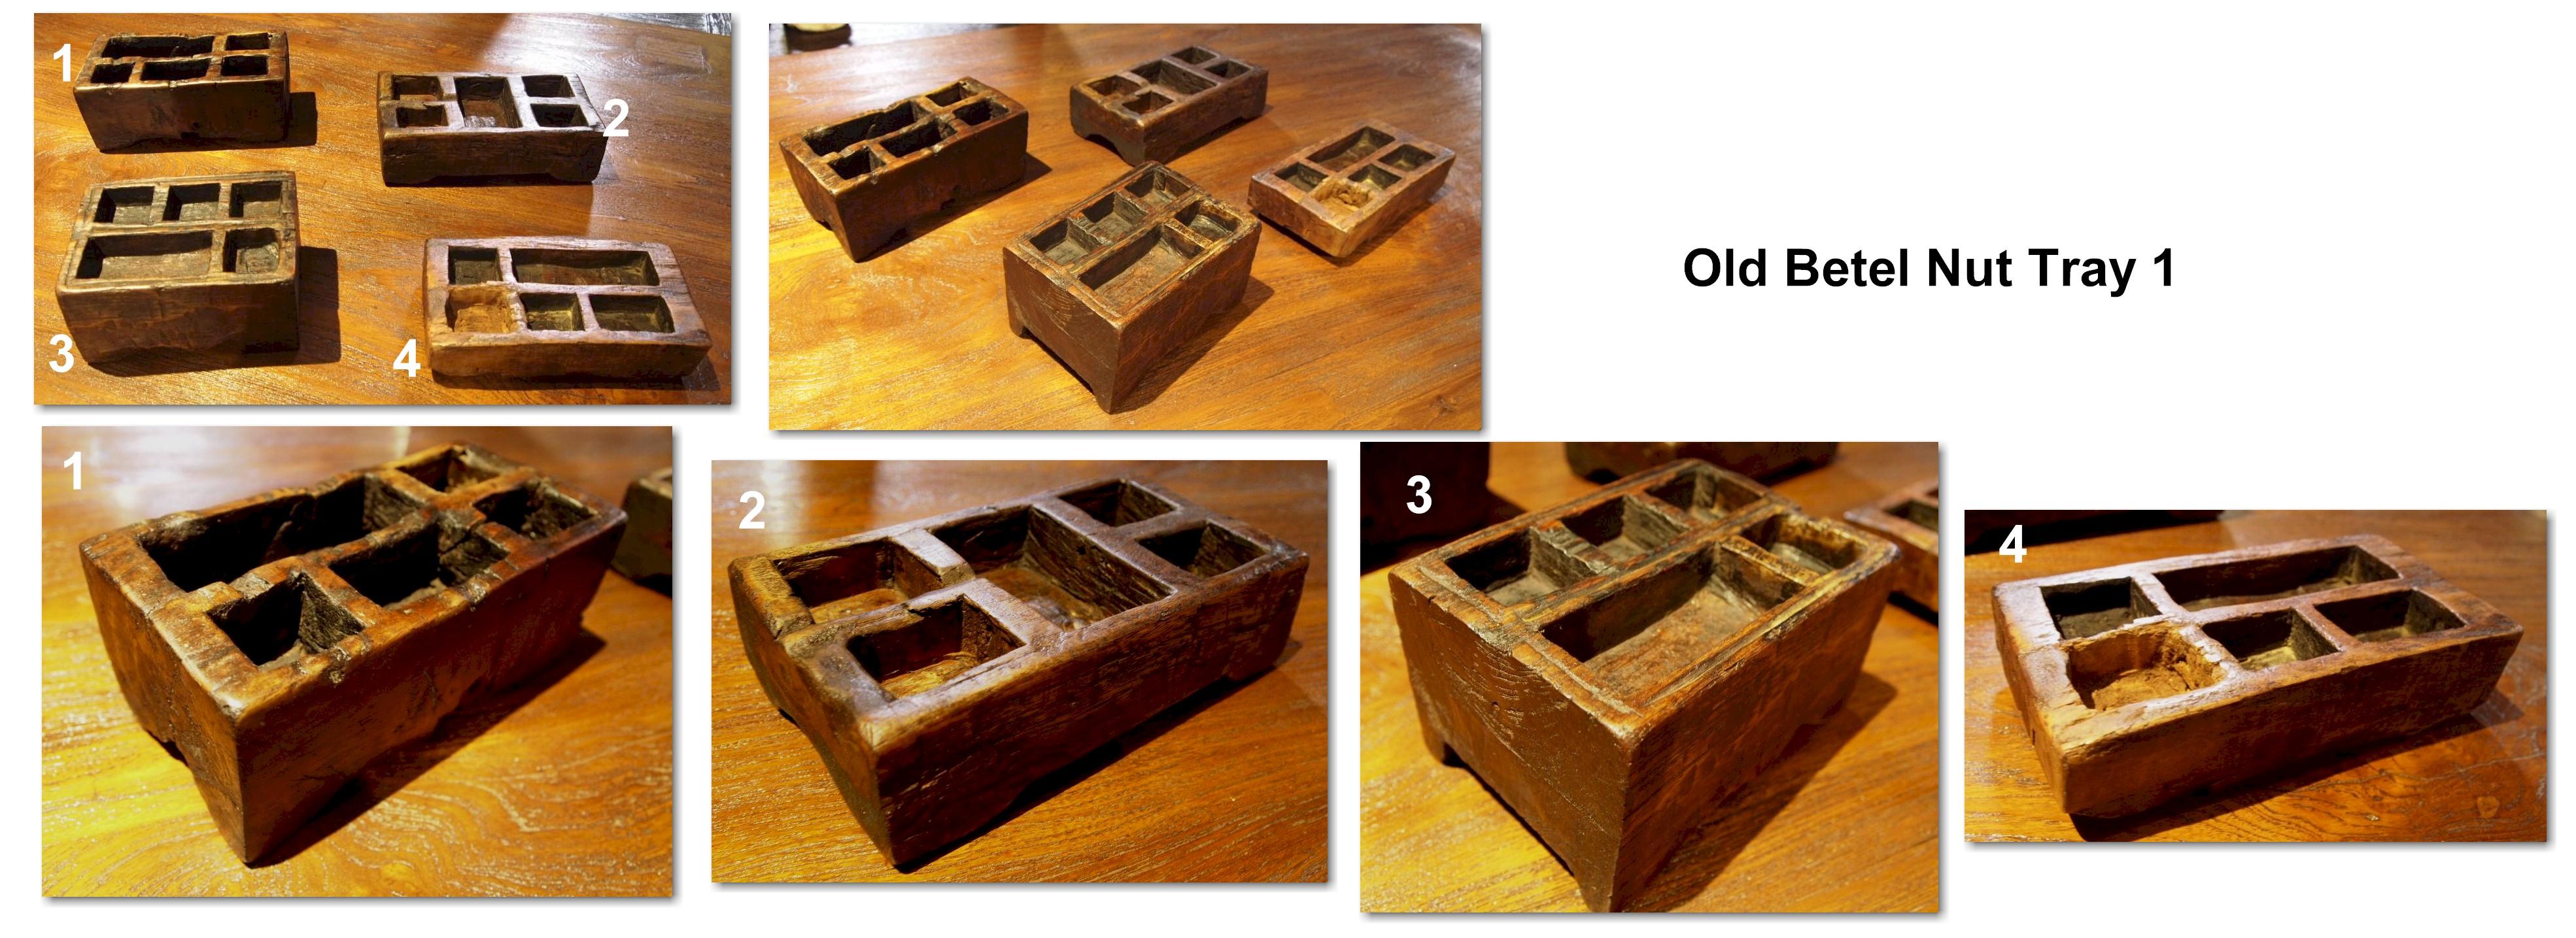 Old Betelnut Tray 1